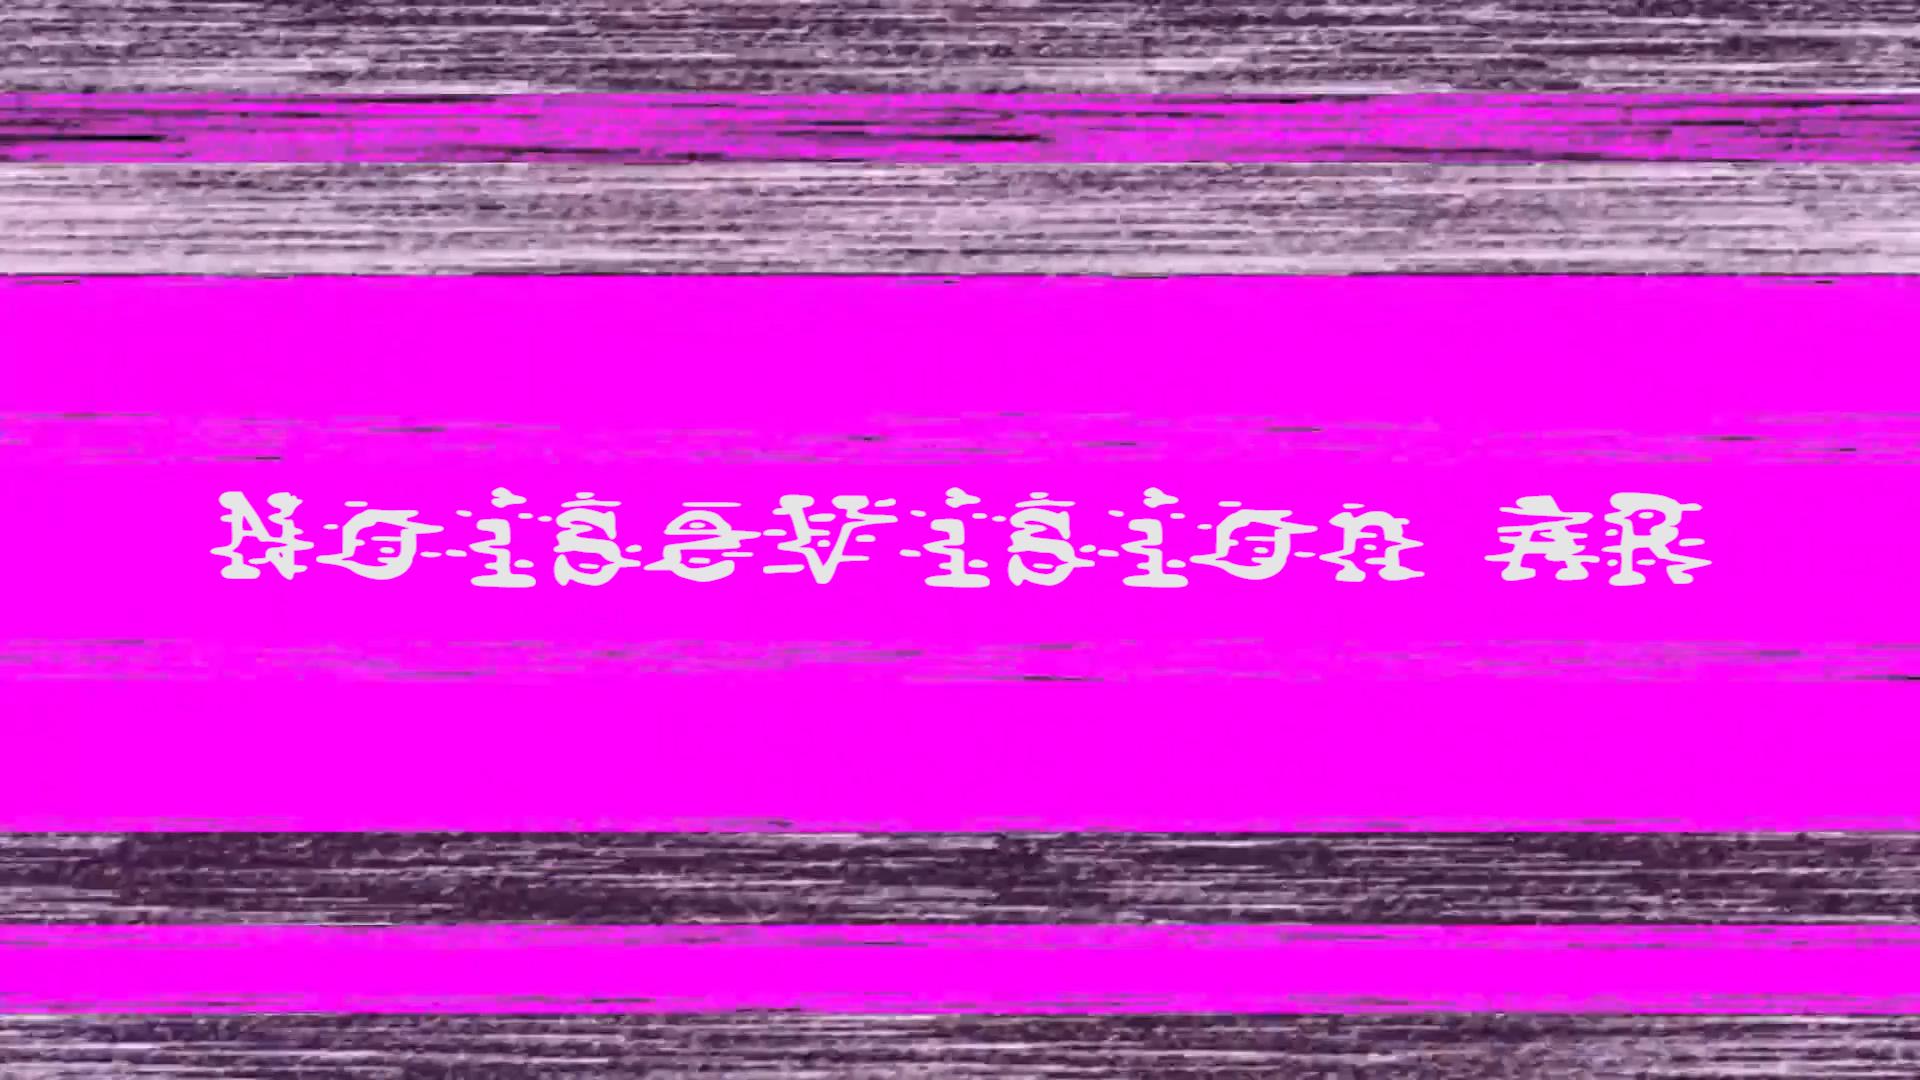 NoiseVisionTitle0.jpg